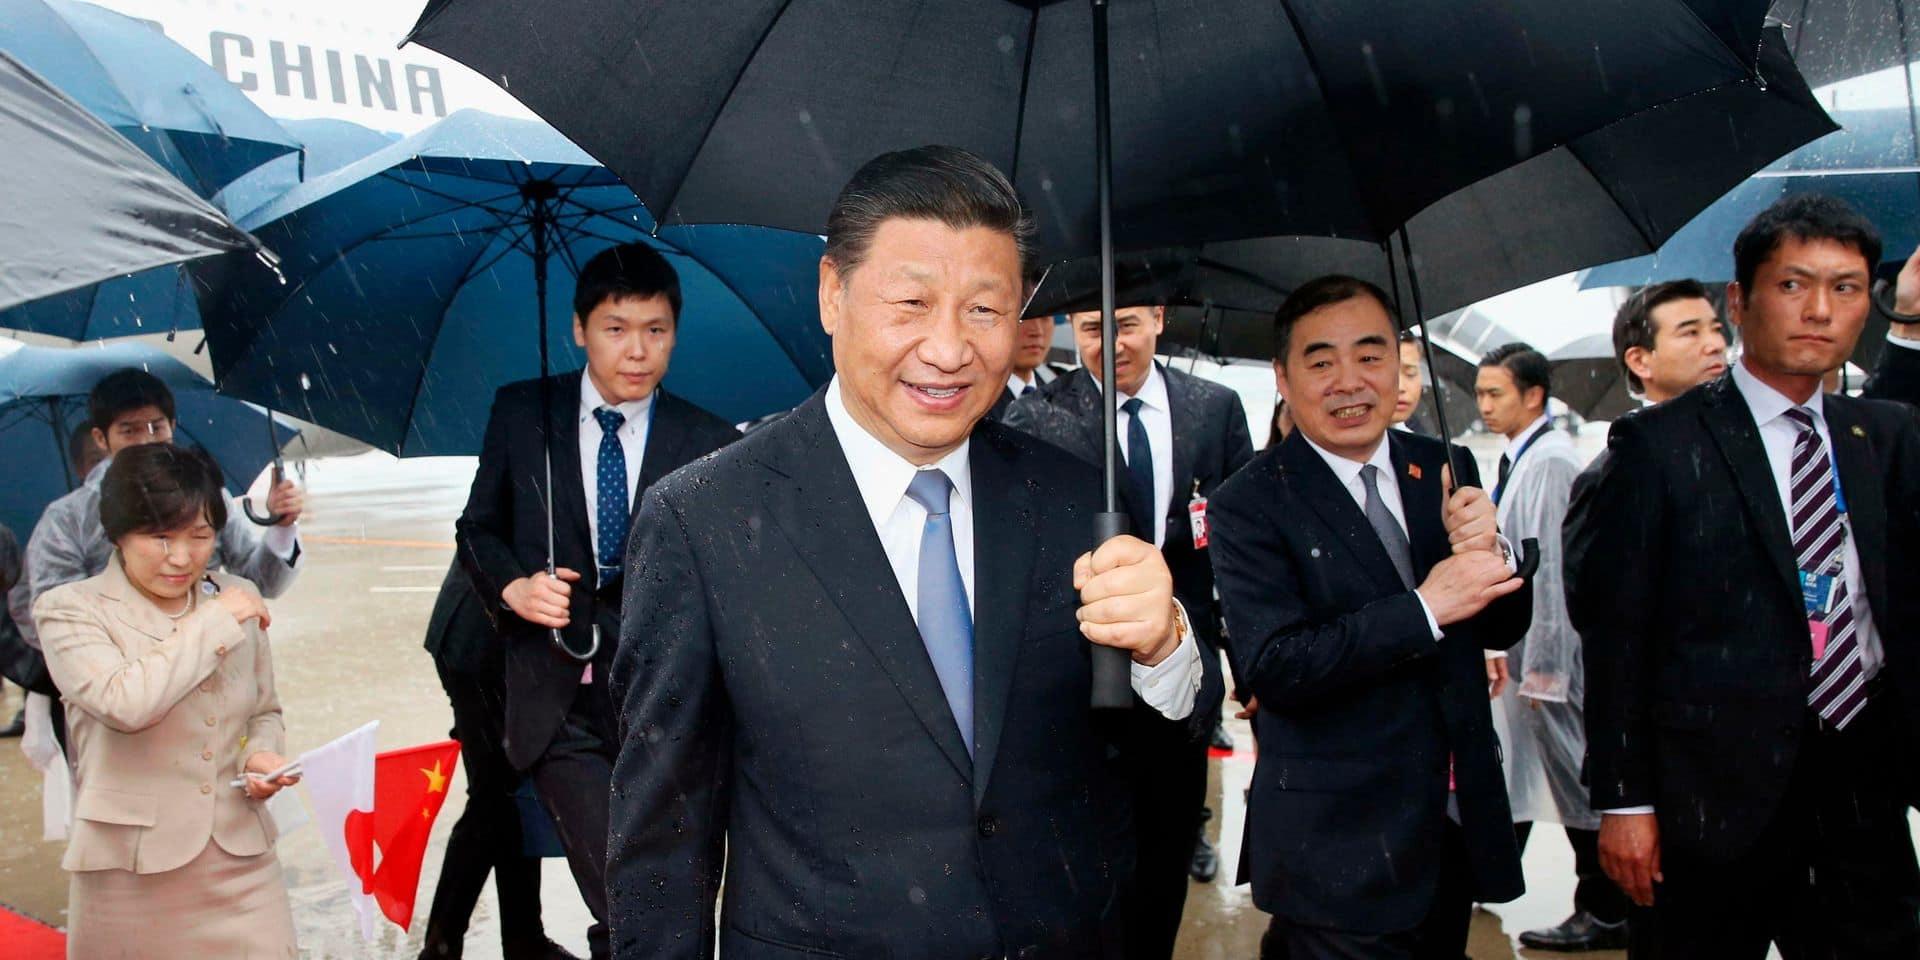 Les exportations chinoises repartent à la hausse malgré le climat tendu